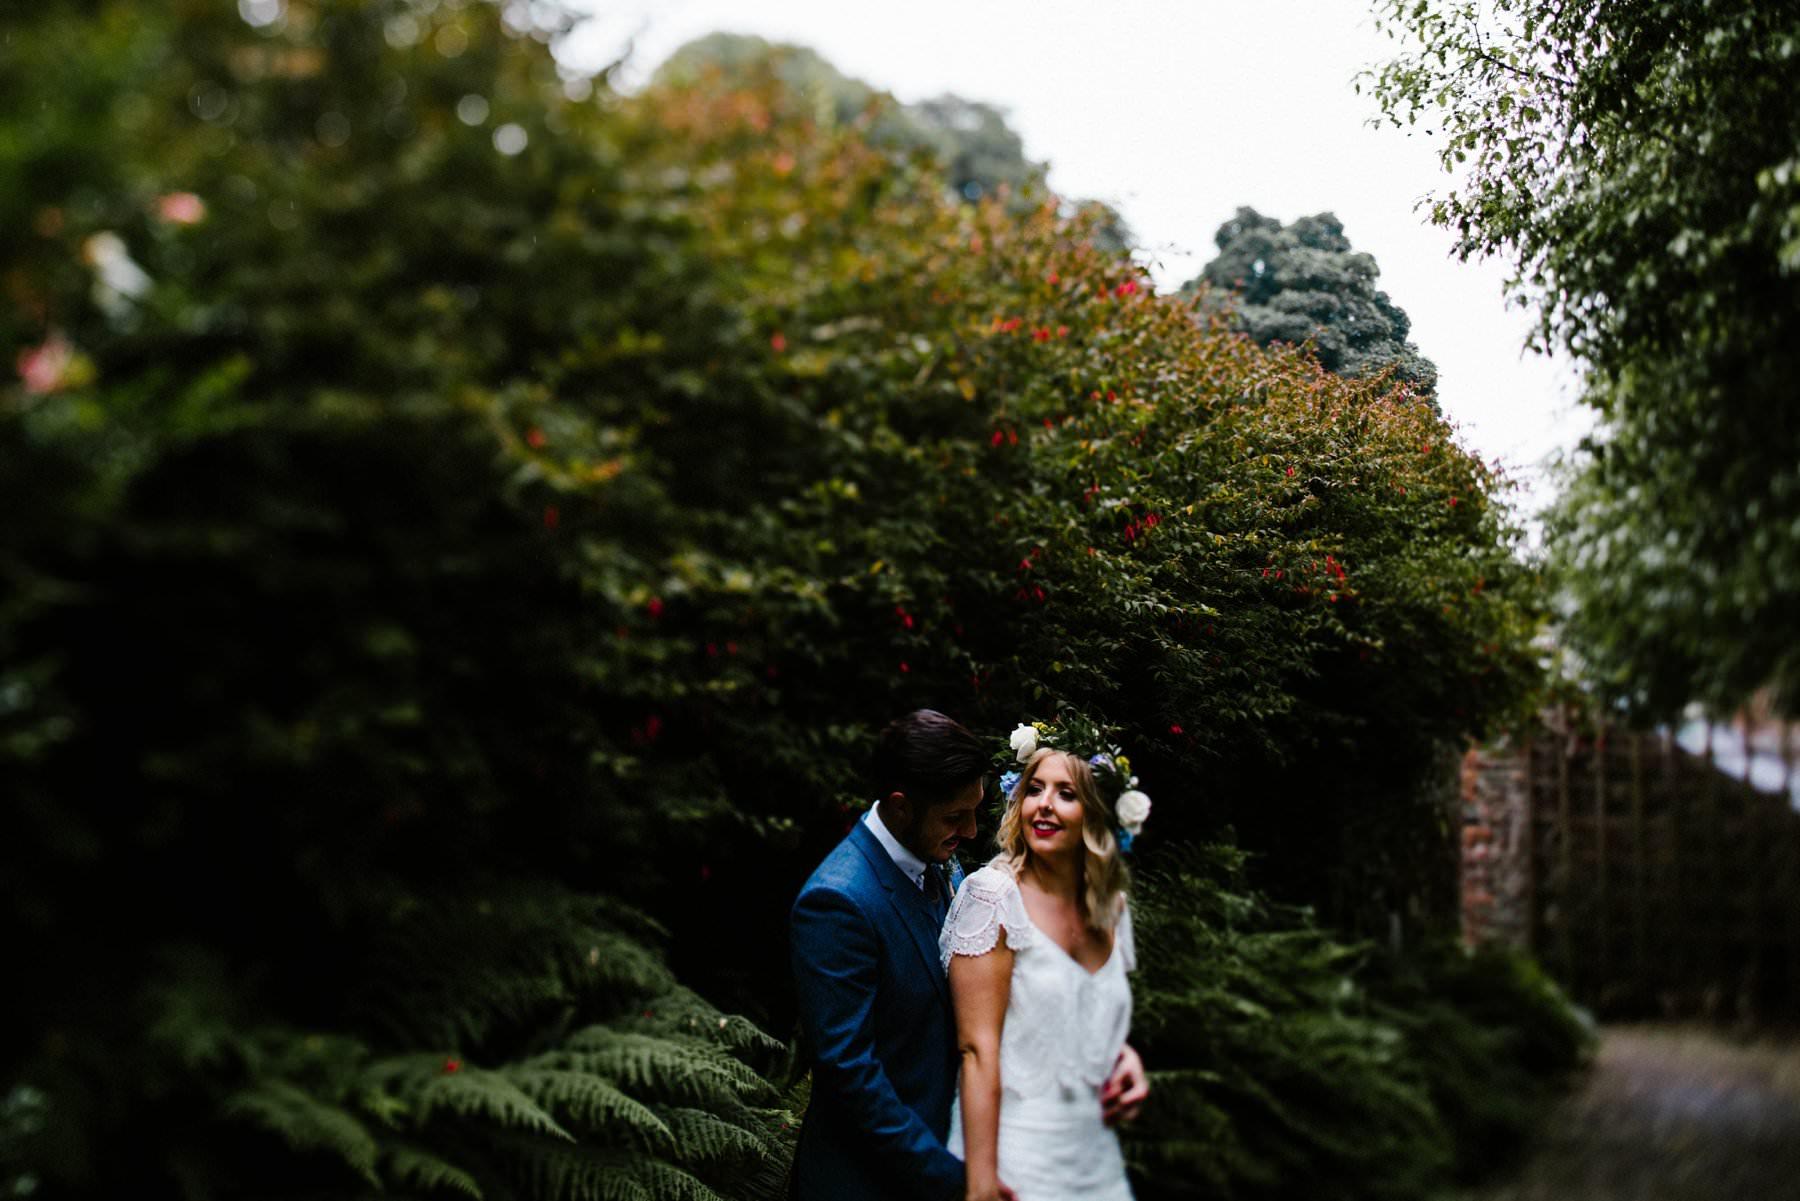 Top wedding photographers usa Top 20 Destination Wedding Photographers